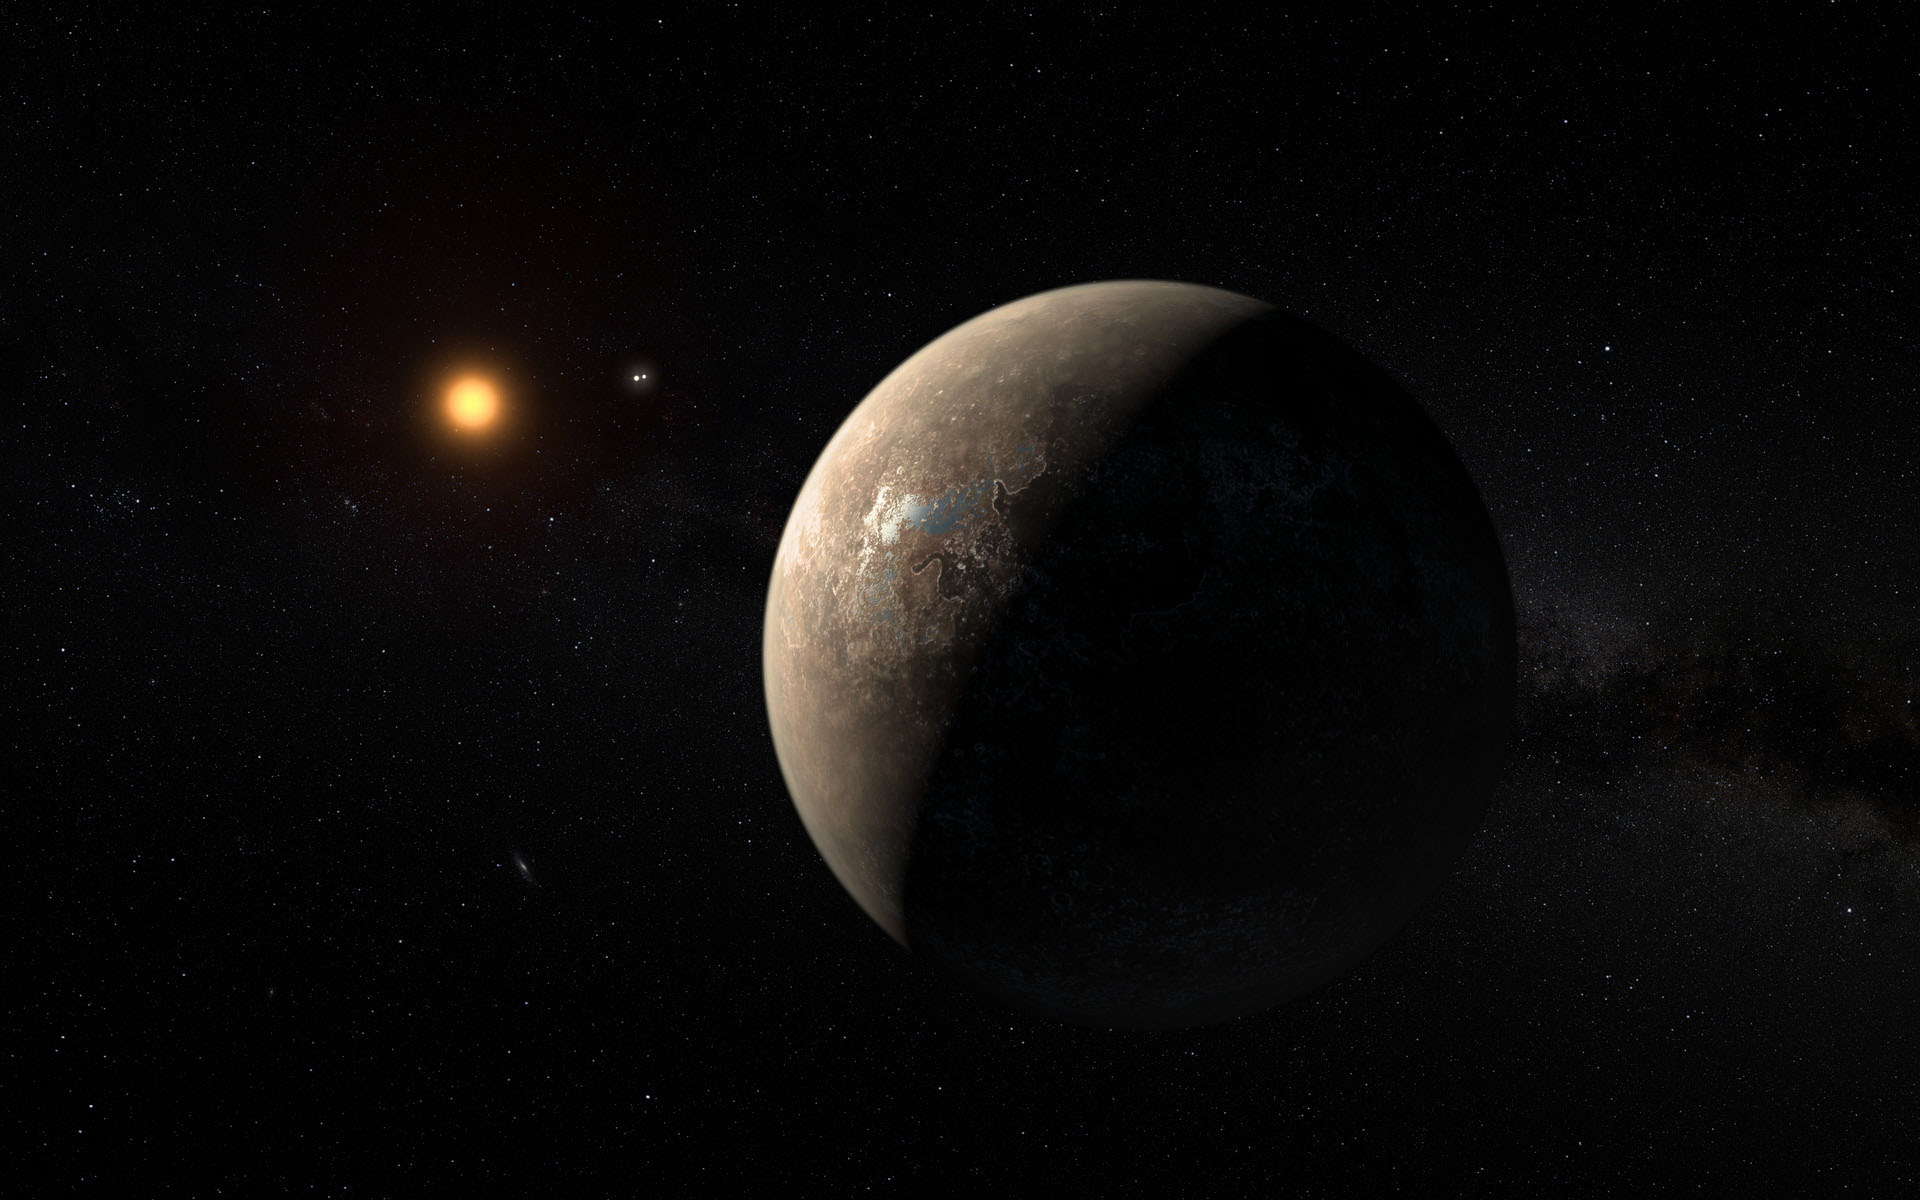 Астрономи, що займаються пошуком інопланетного життя, отримали радіосигнал з найближчої до нас екзопланети